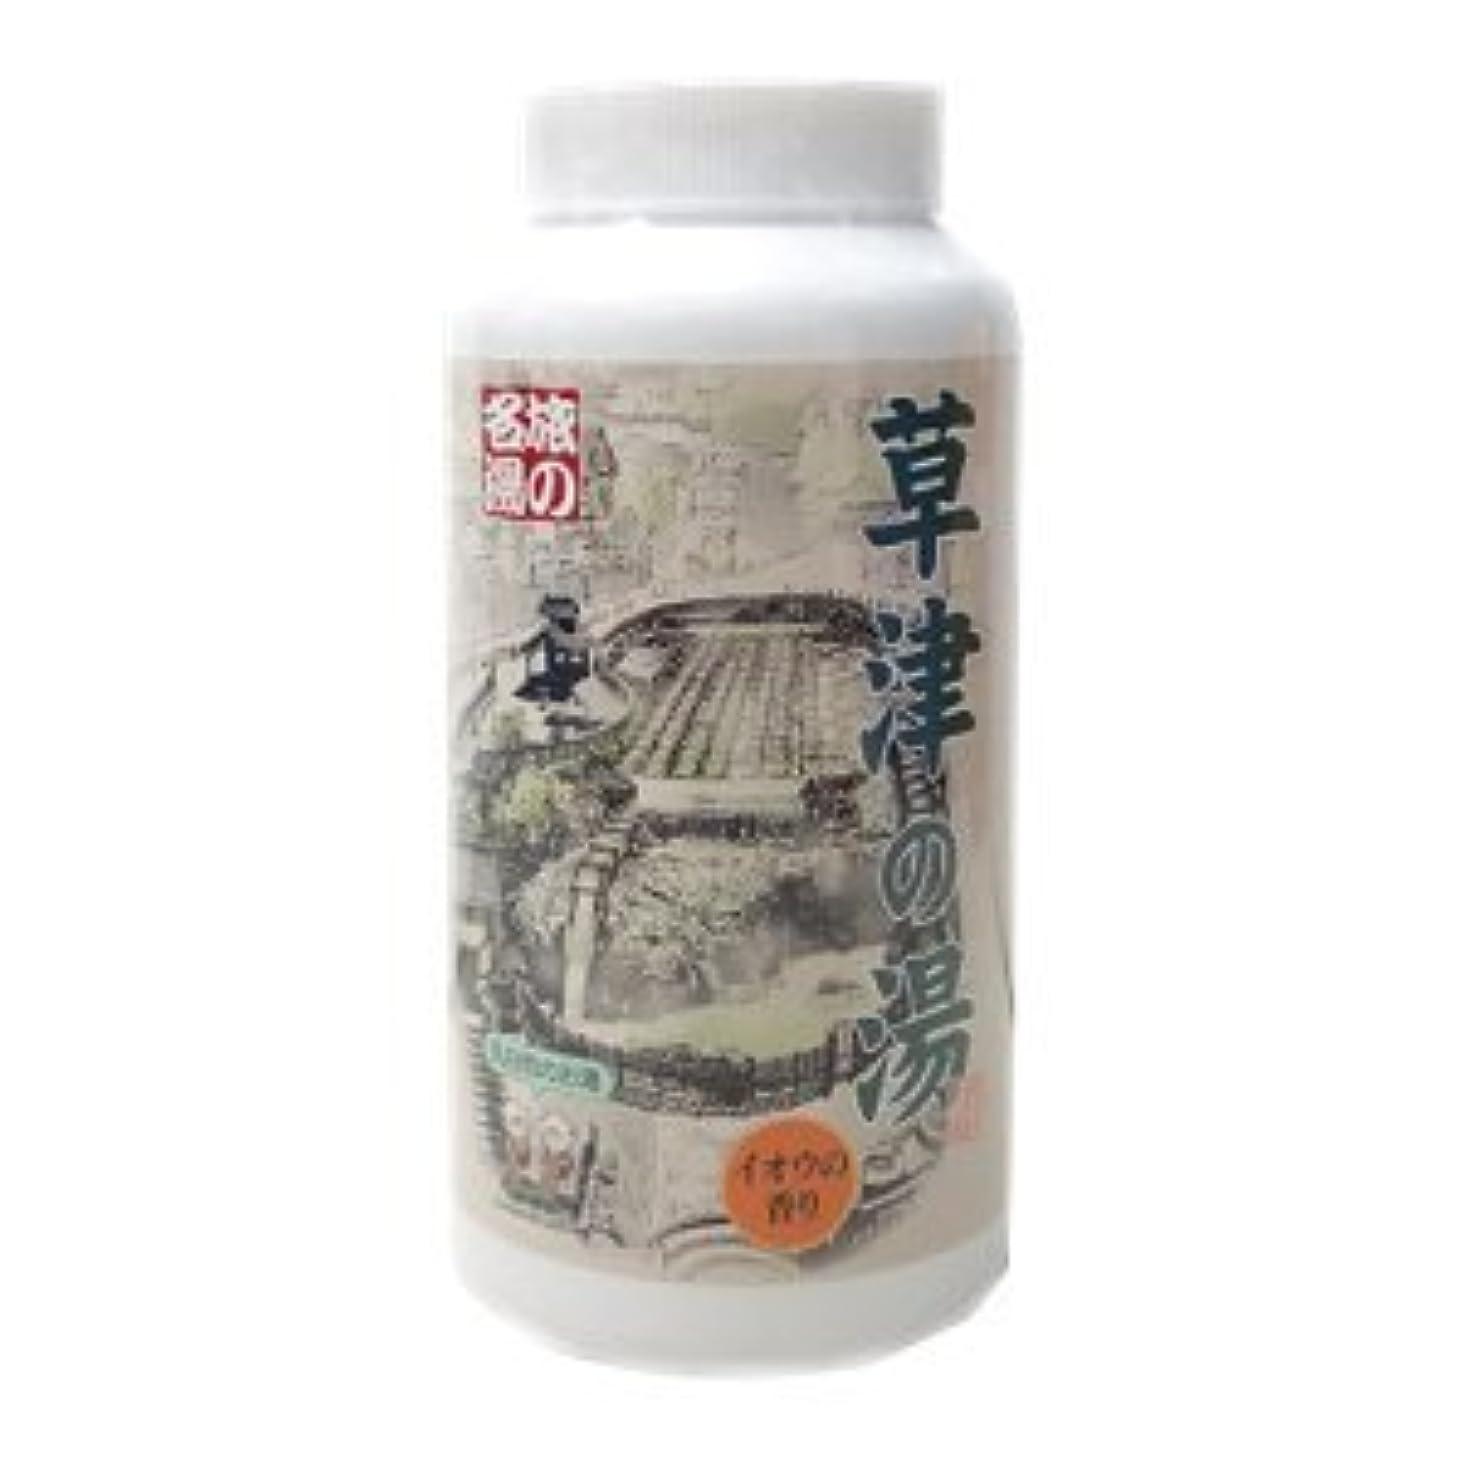 放棄された可能にするコロニー草津の湯入浴剤 『イオウの香り』 乳白色のお湯 500g 20回分